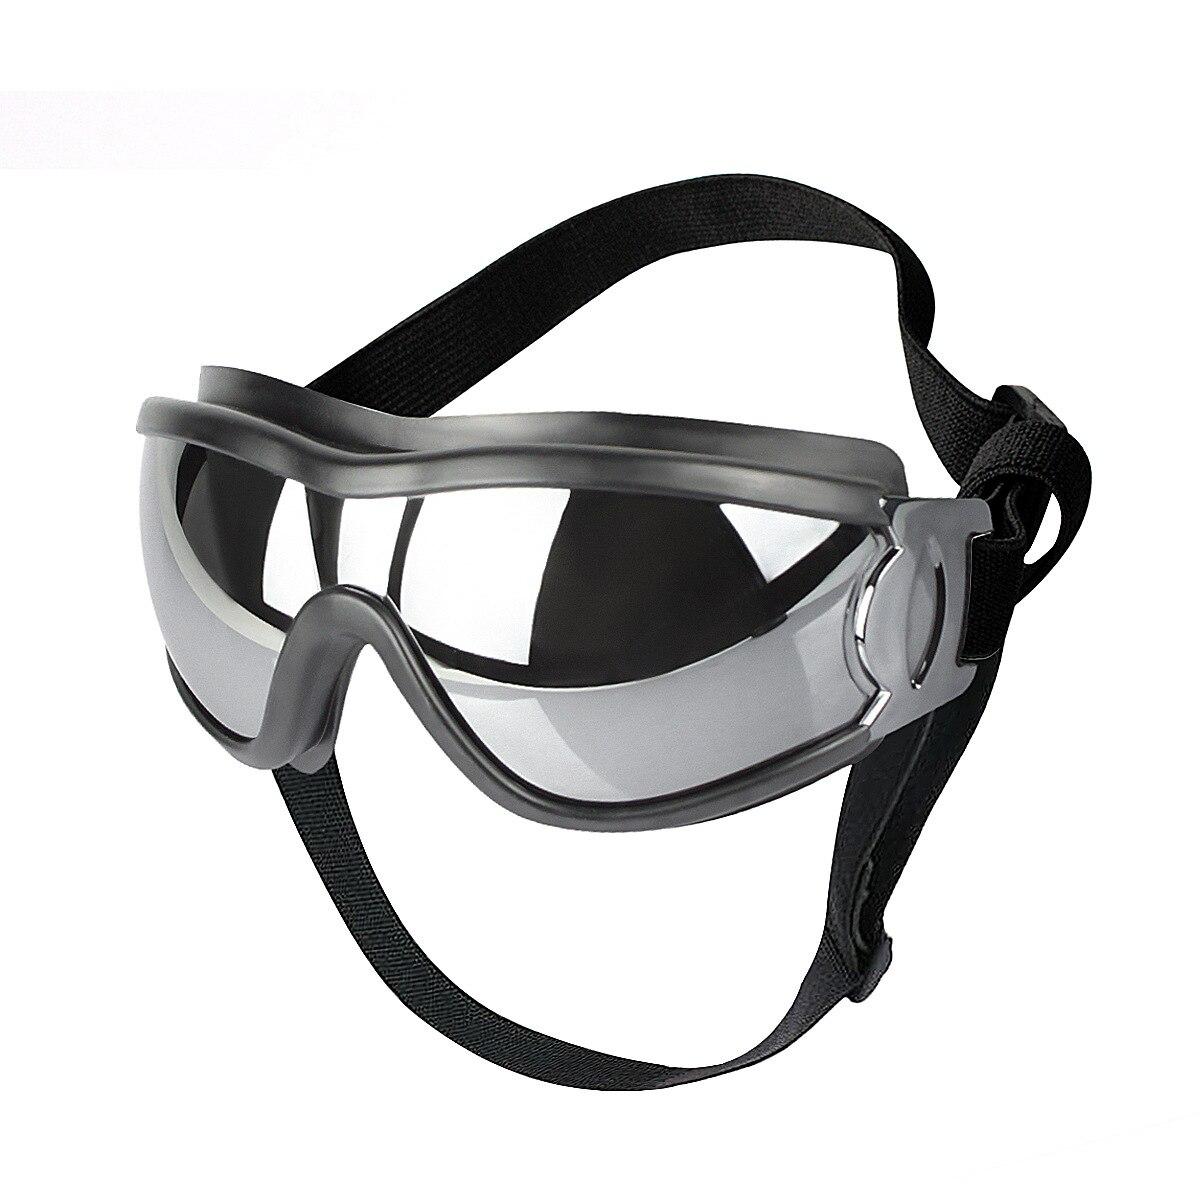 Солнцезащитные очки для домашних животных, регулируемые, водонепроницаемые, ветрозащитные, с защитой от УФ-лучей